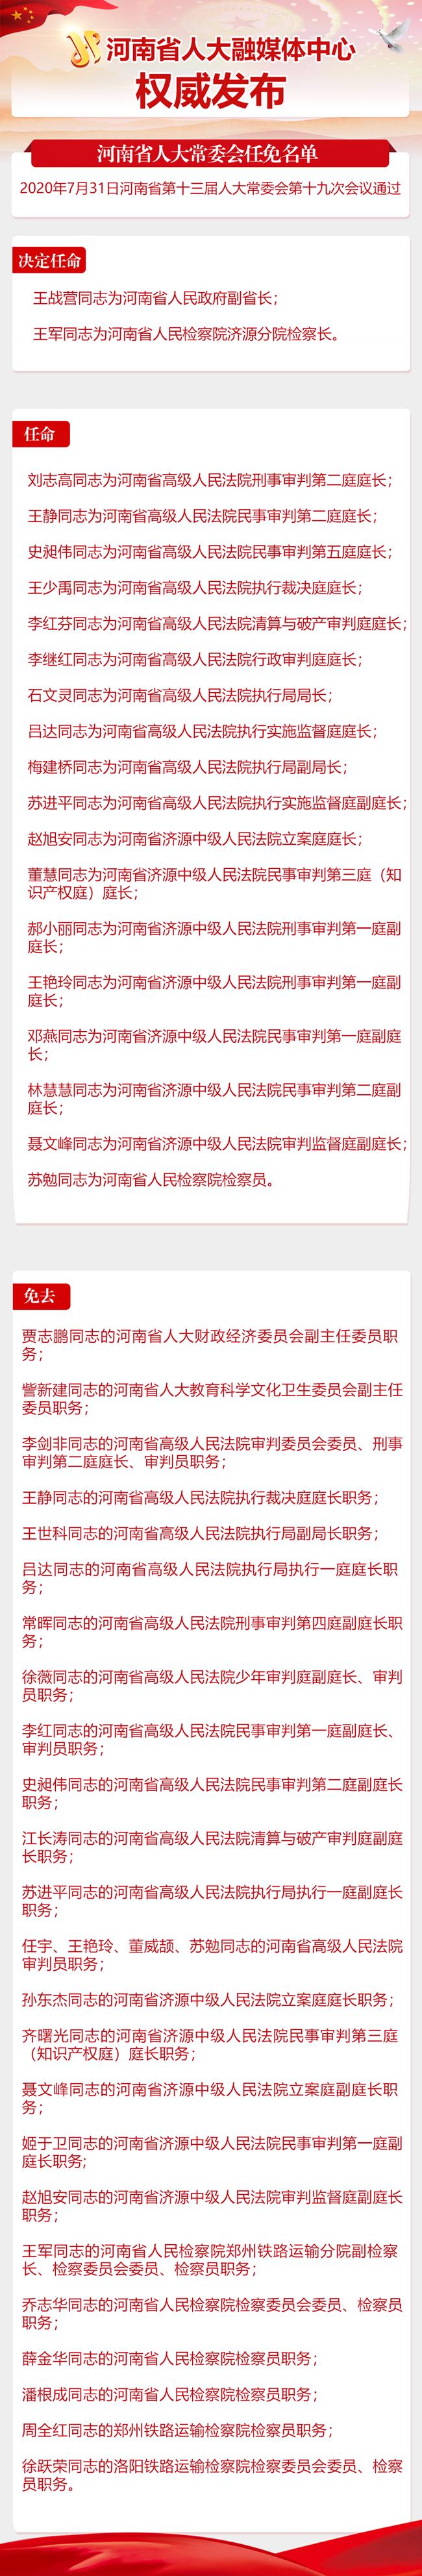 河南省人大常委会任免一批干部